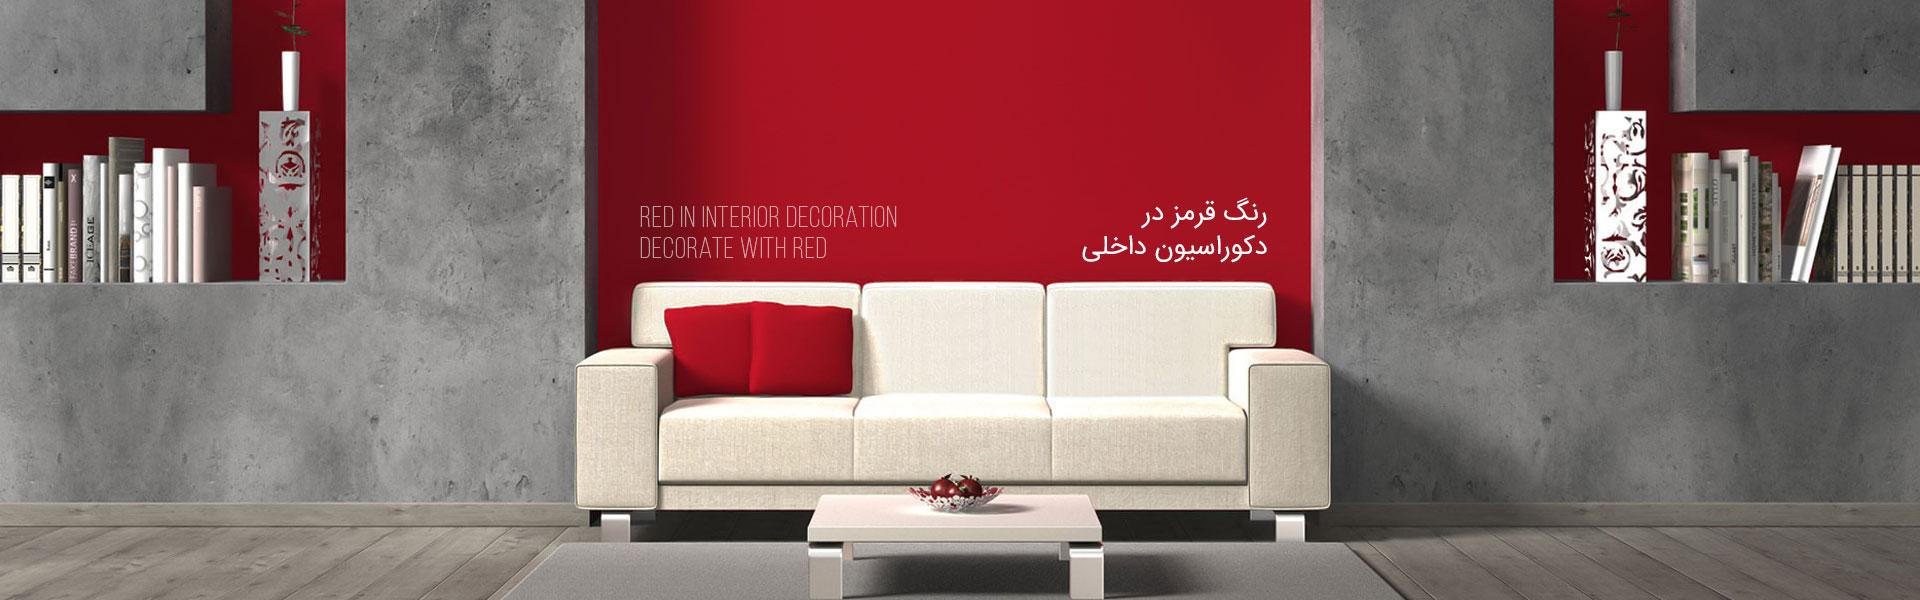 قرمز در دکوراسیون داخلی جذاب